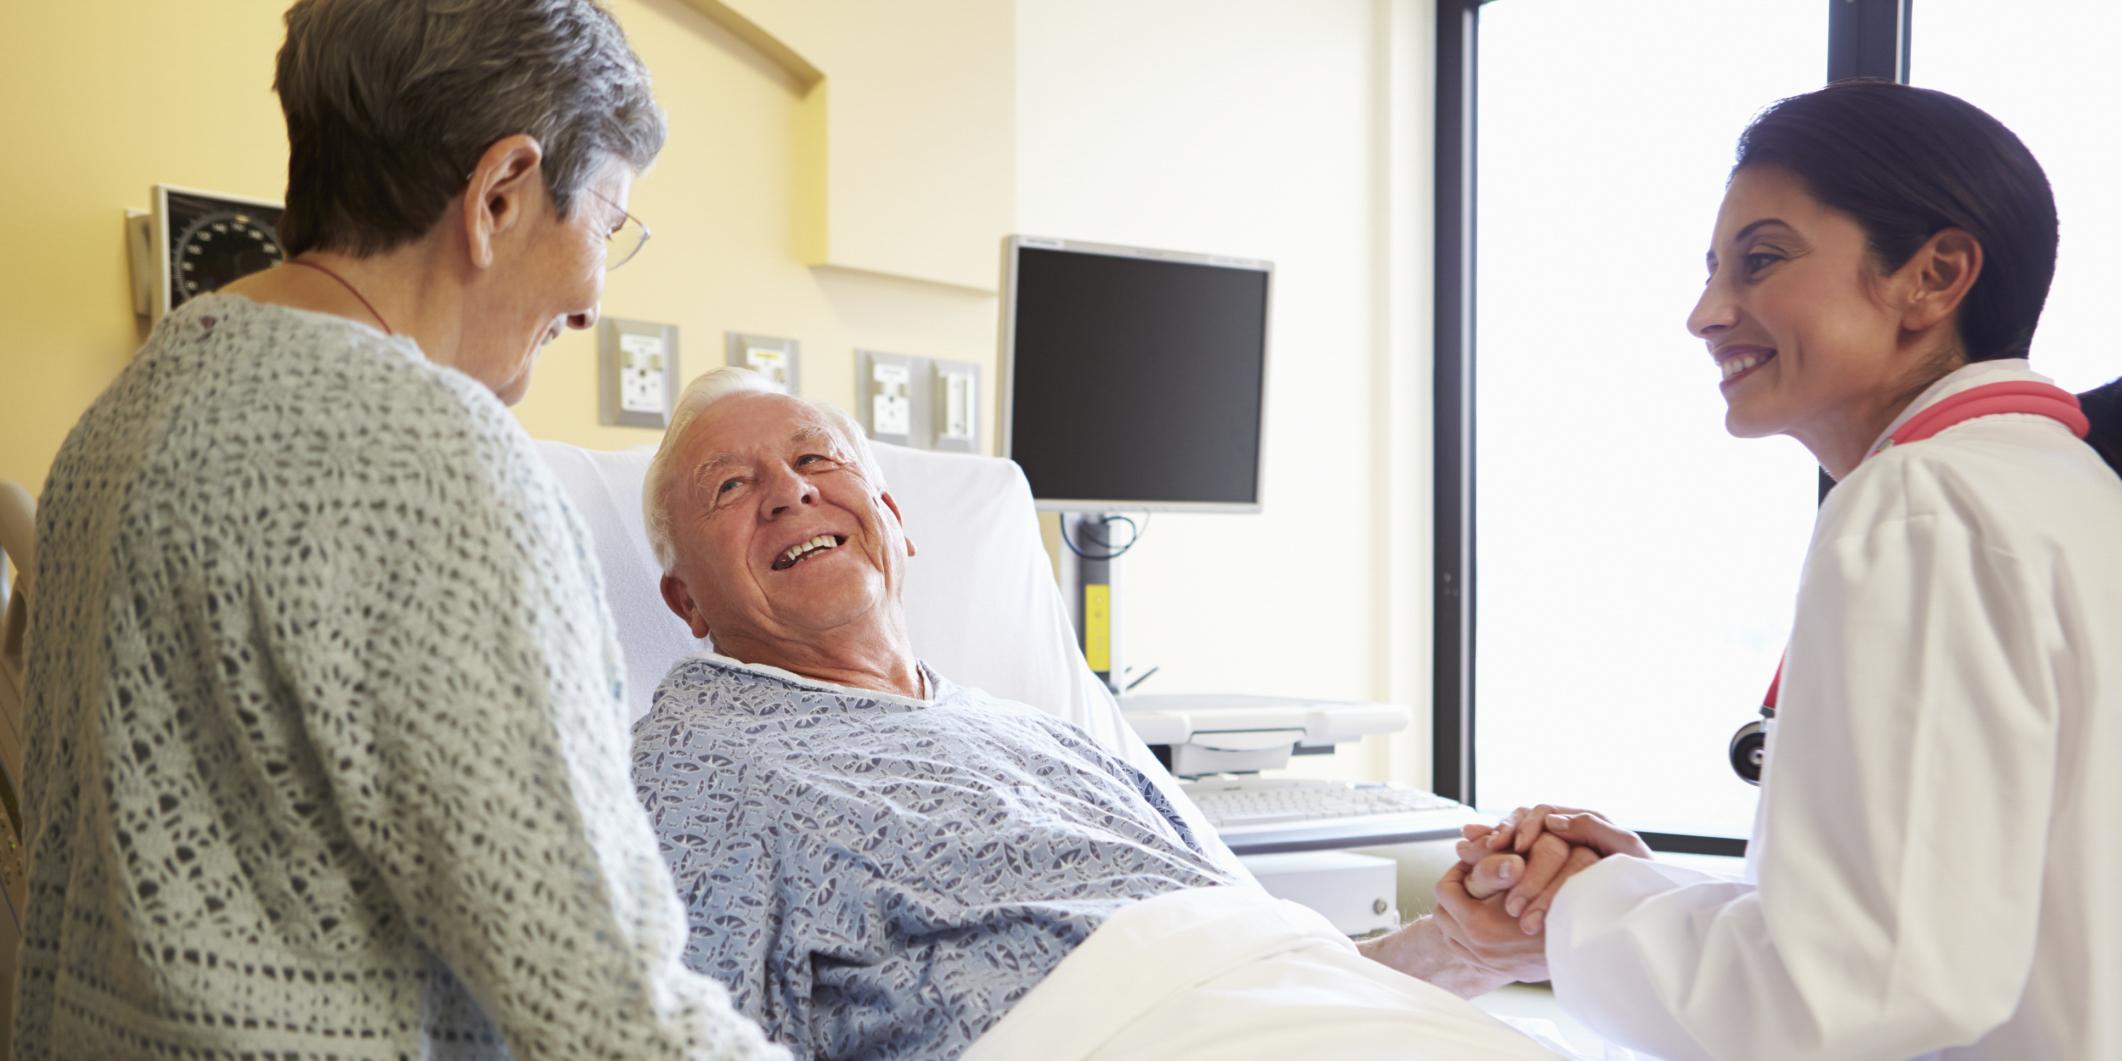 ImplantableCardioverterDefibrillatorICD_web_600x300_465492897